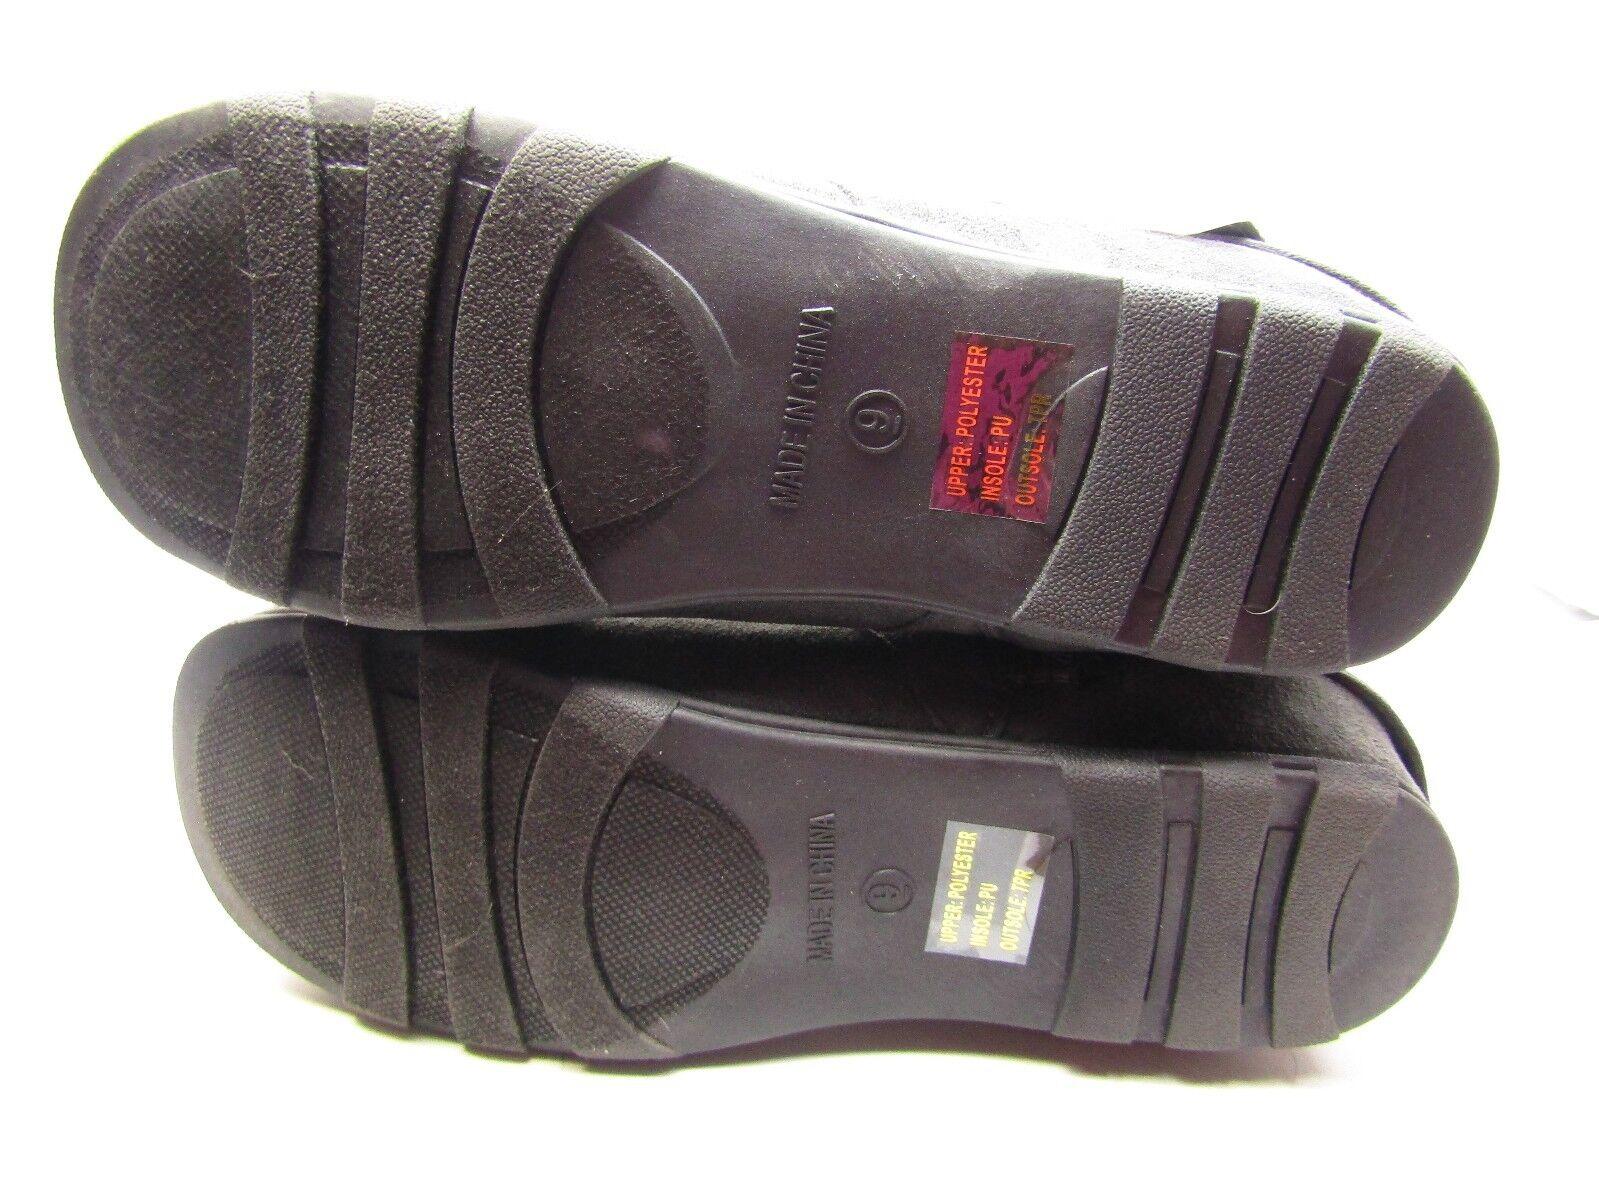 Journee Collection Jester-01 Größe  Damens Boot Grau Größe Jester-01 9 M c709d2